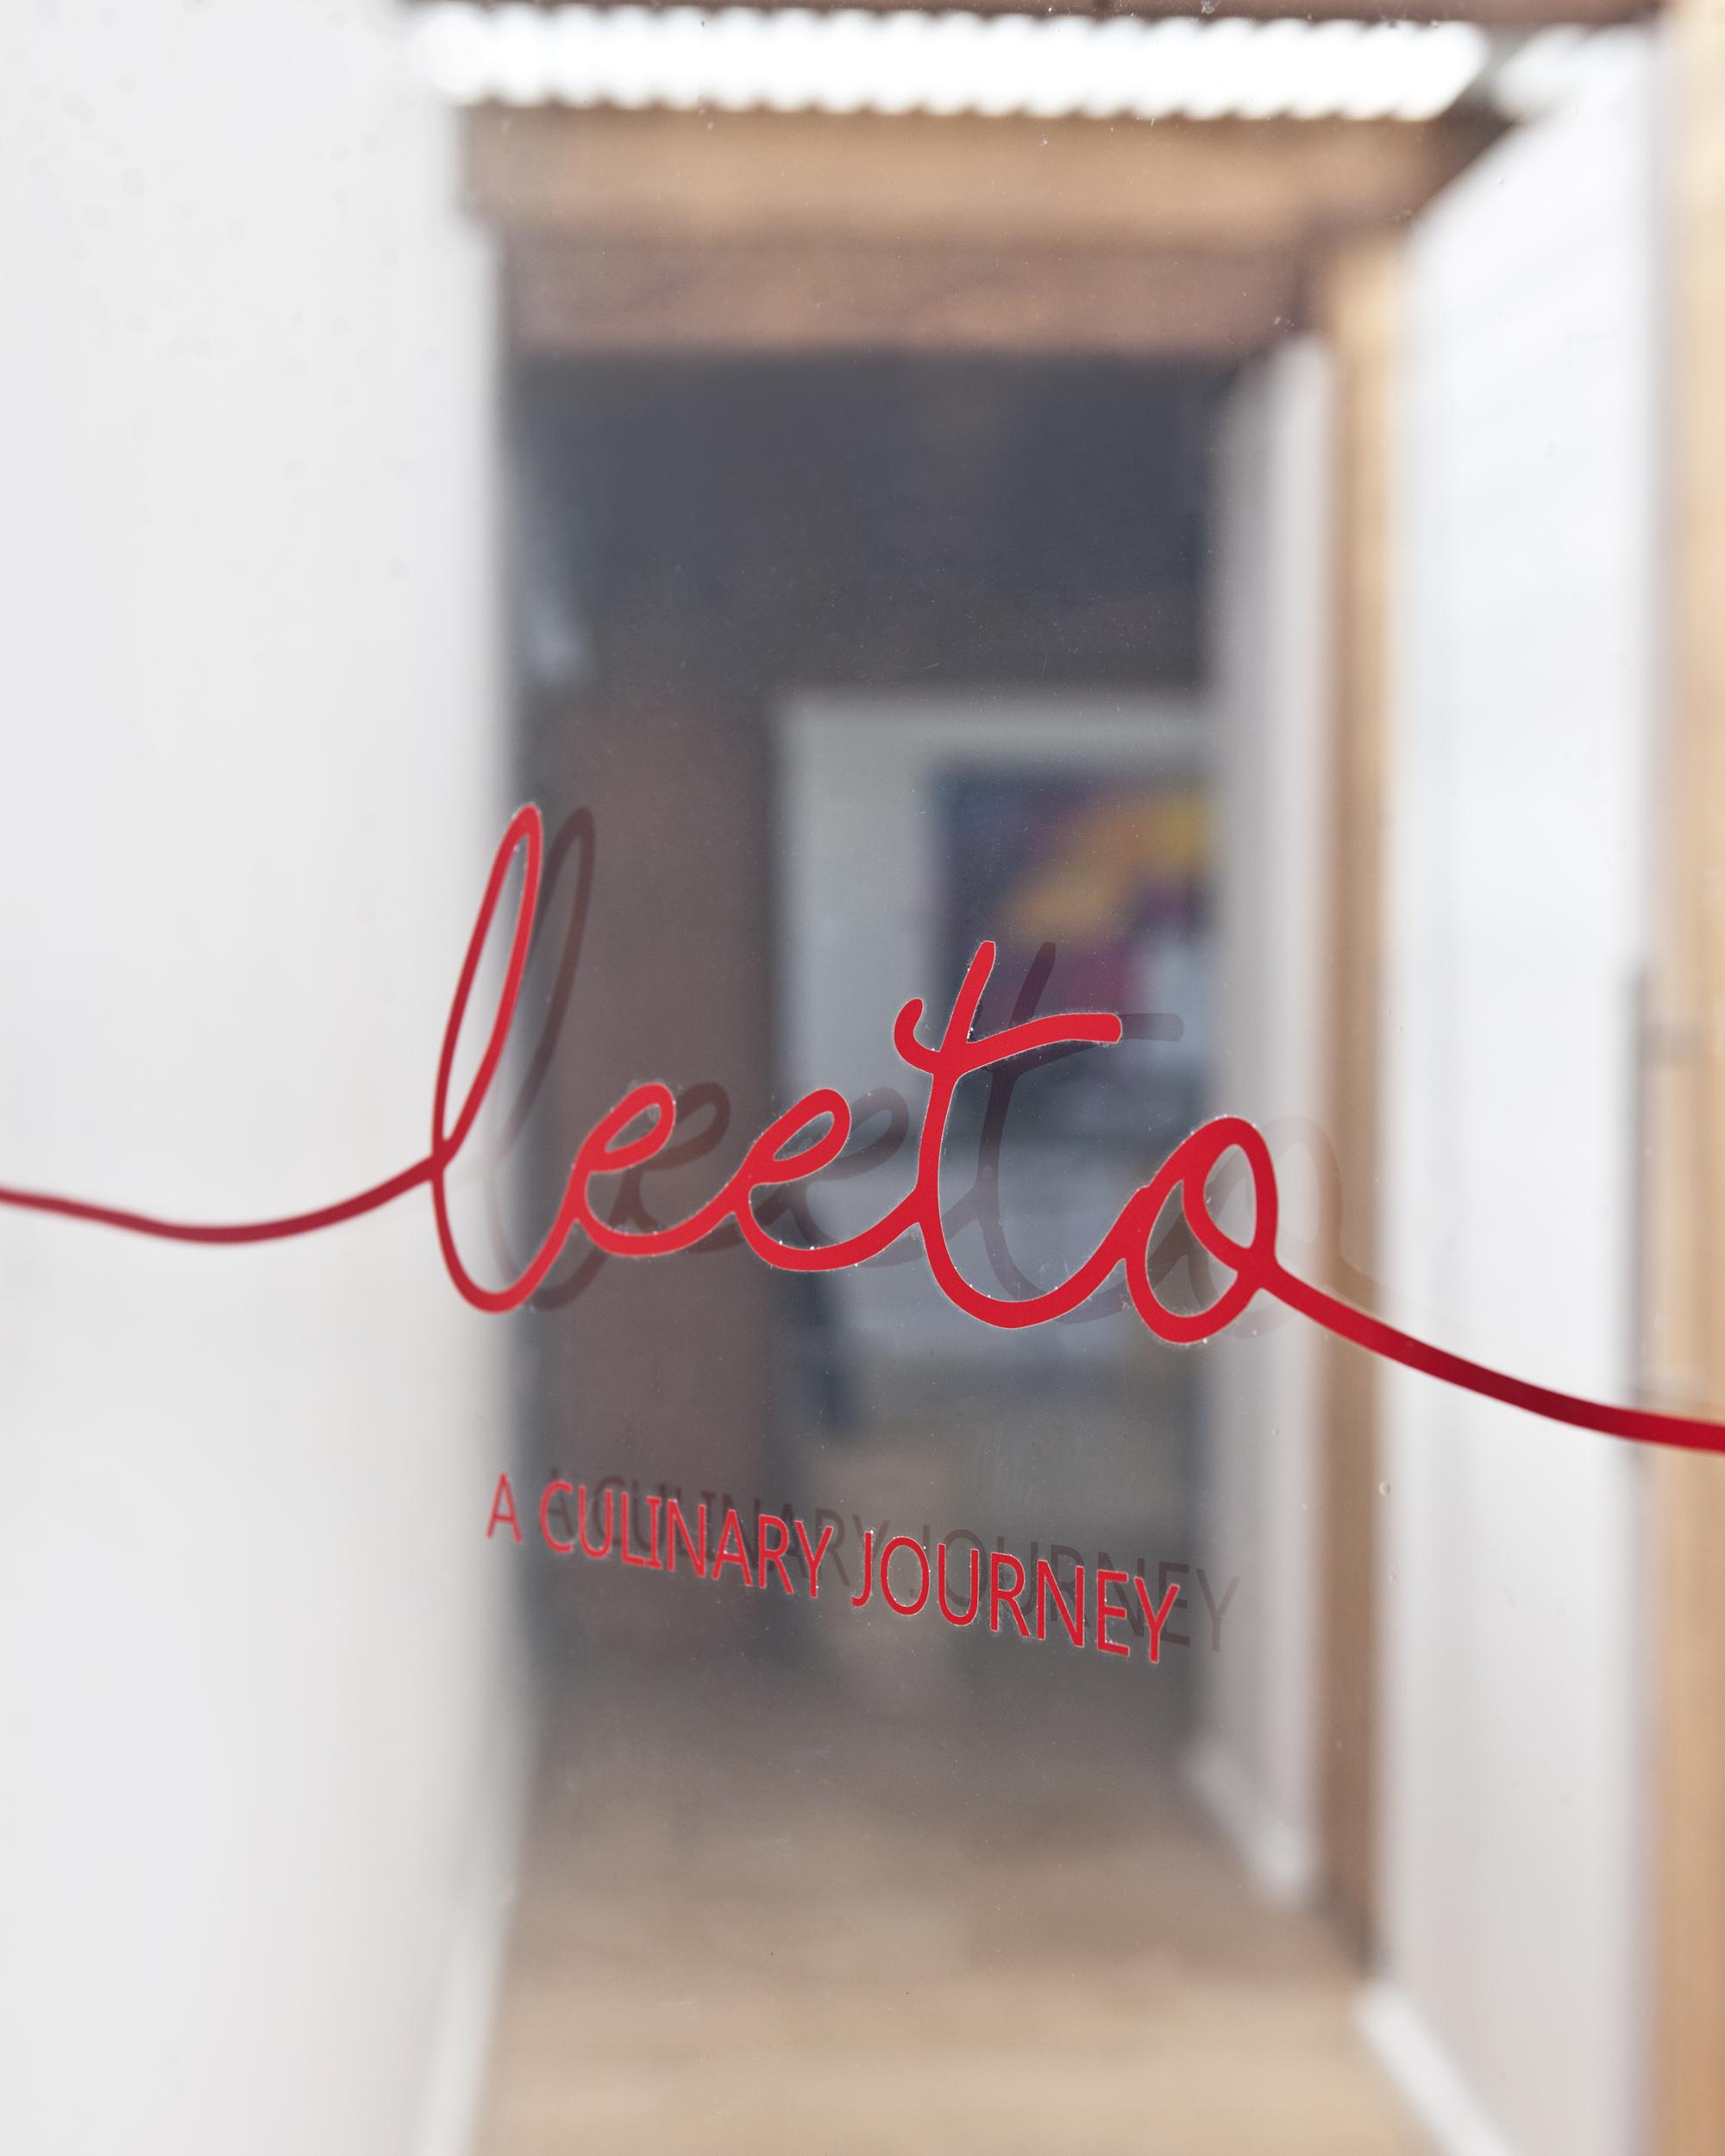 Leeto 018